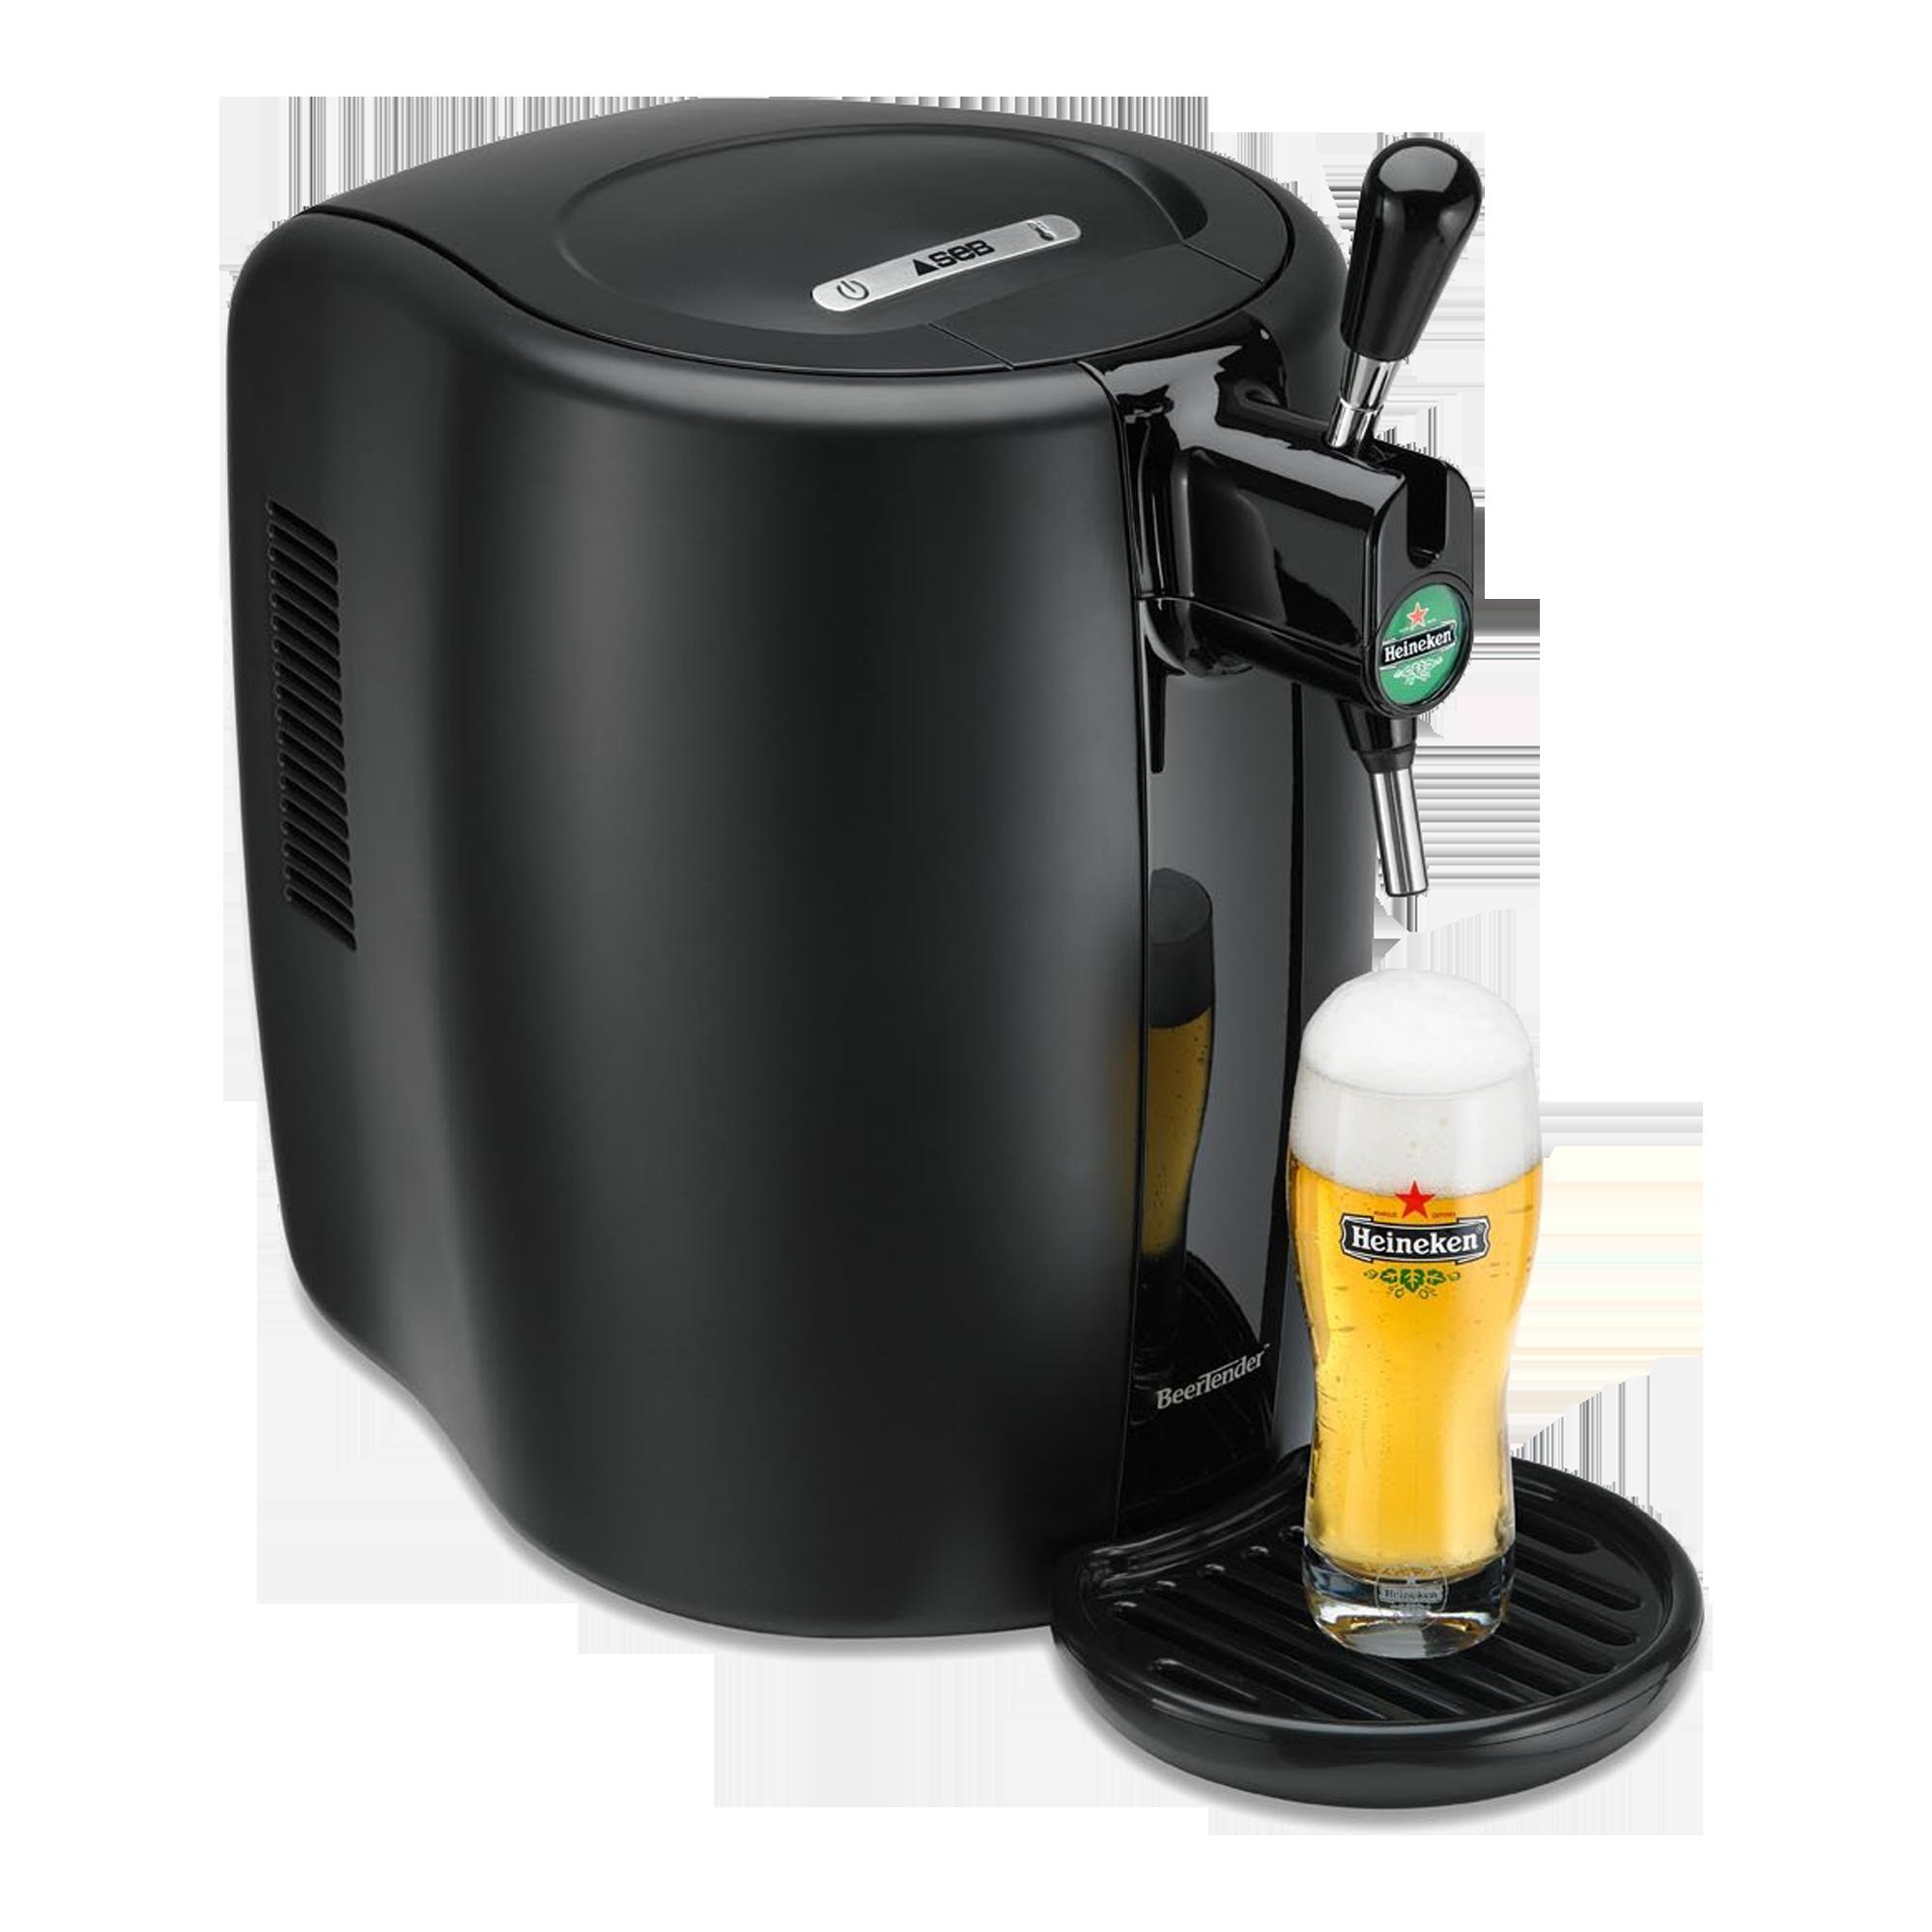 beertender b70 beer dispenser. Black Bedroom Furniture Sets. Home Design Ideas